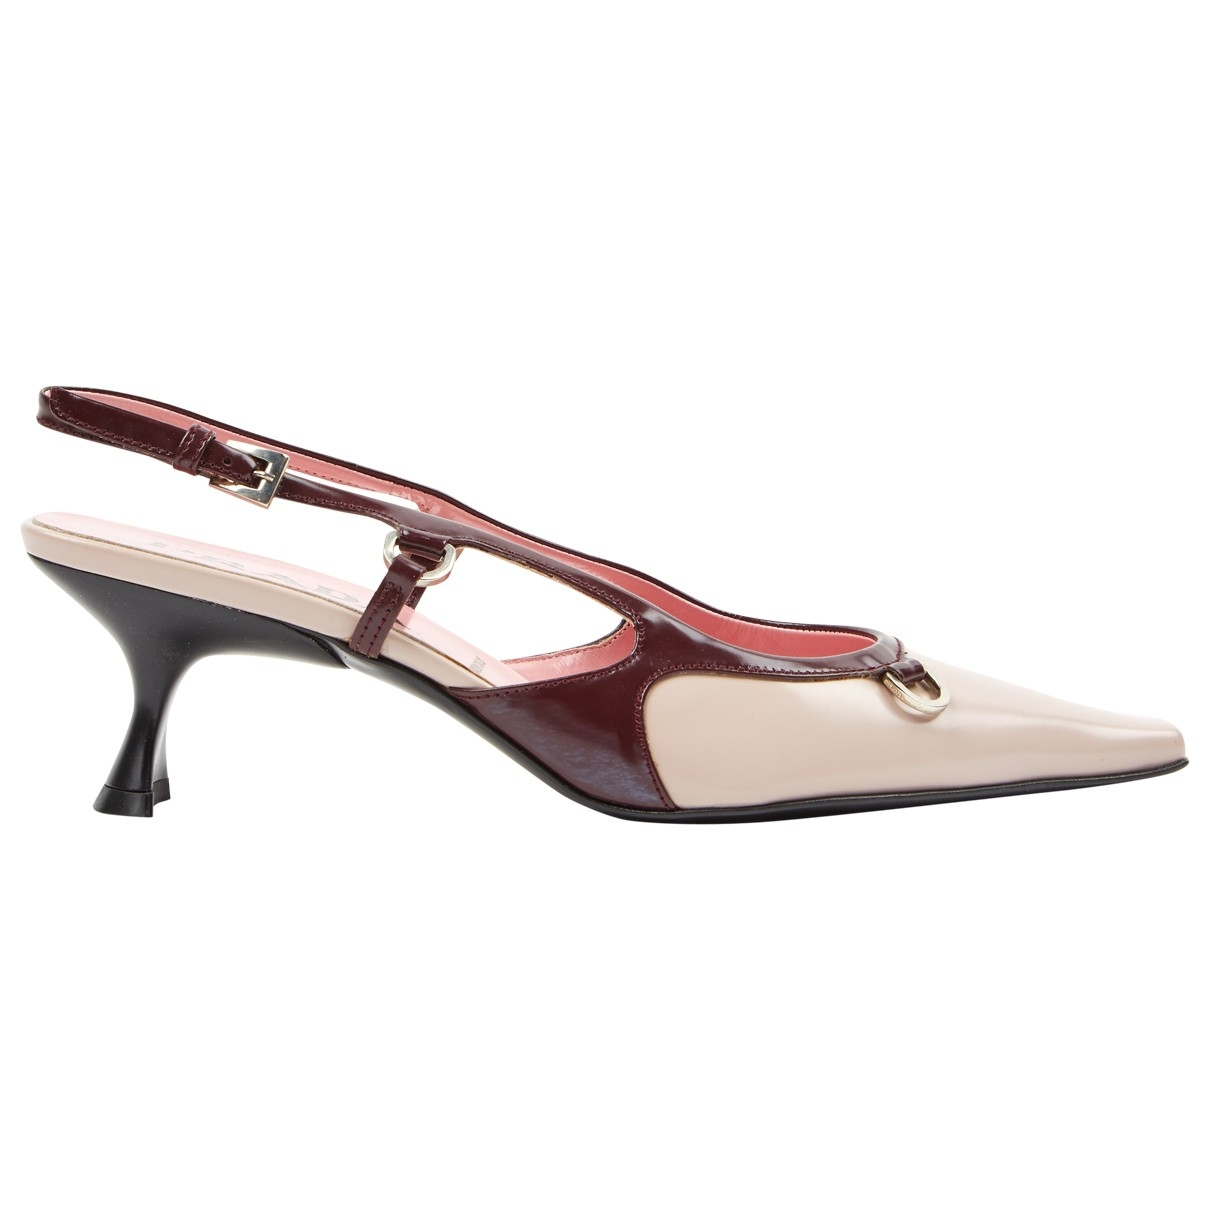 Sandalias romanas de Cuero Prada